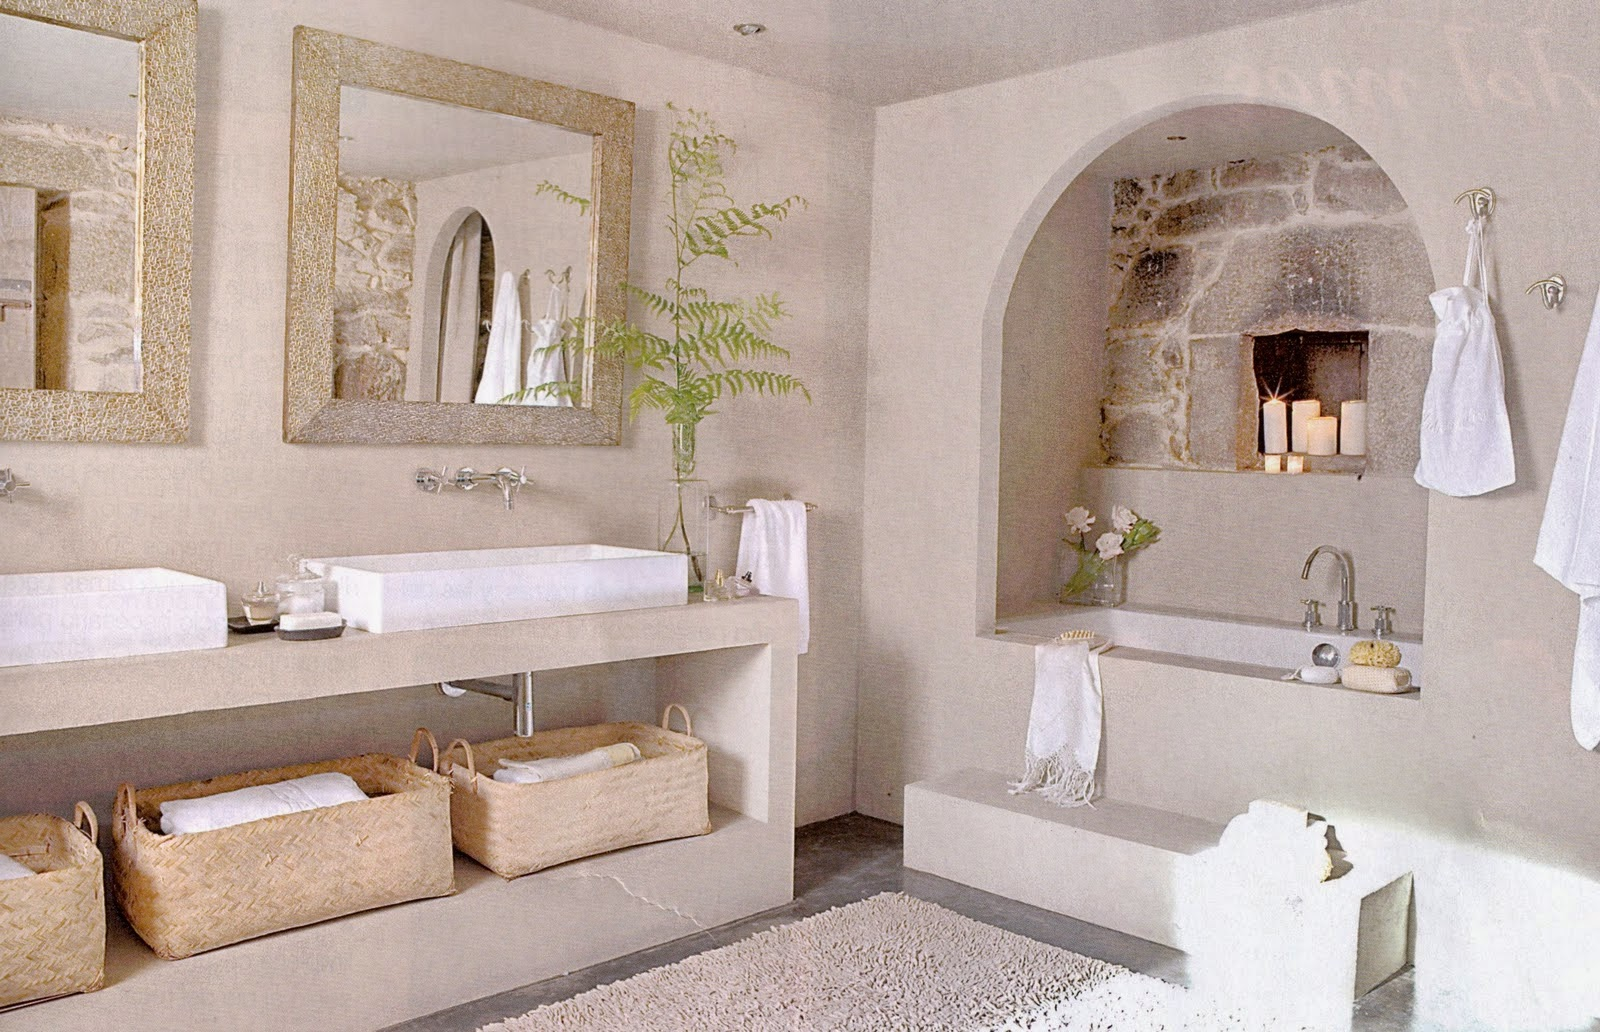 Boiserie c pietra e mito for La pietra tradizionale casa santorini